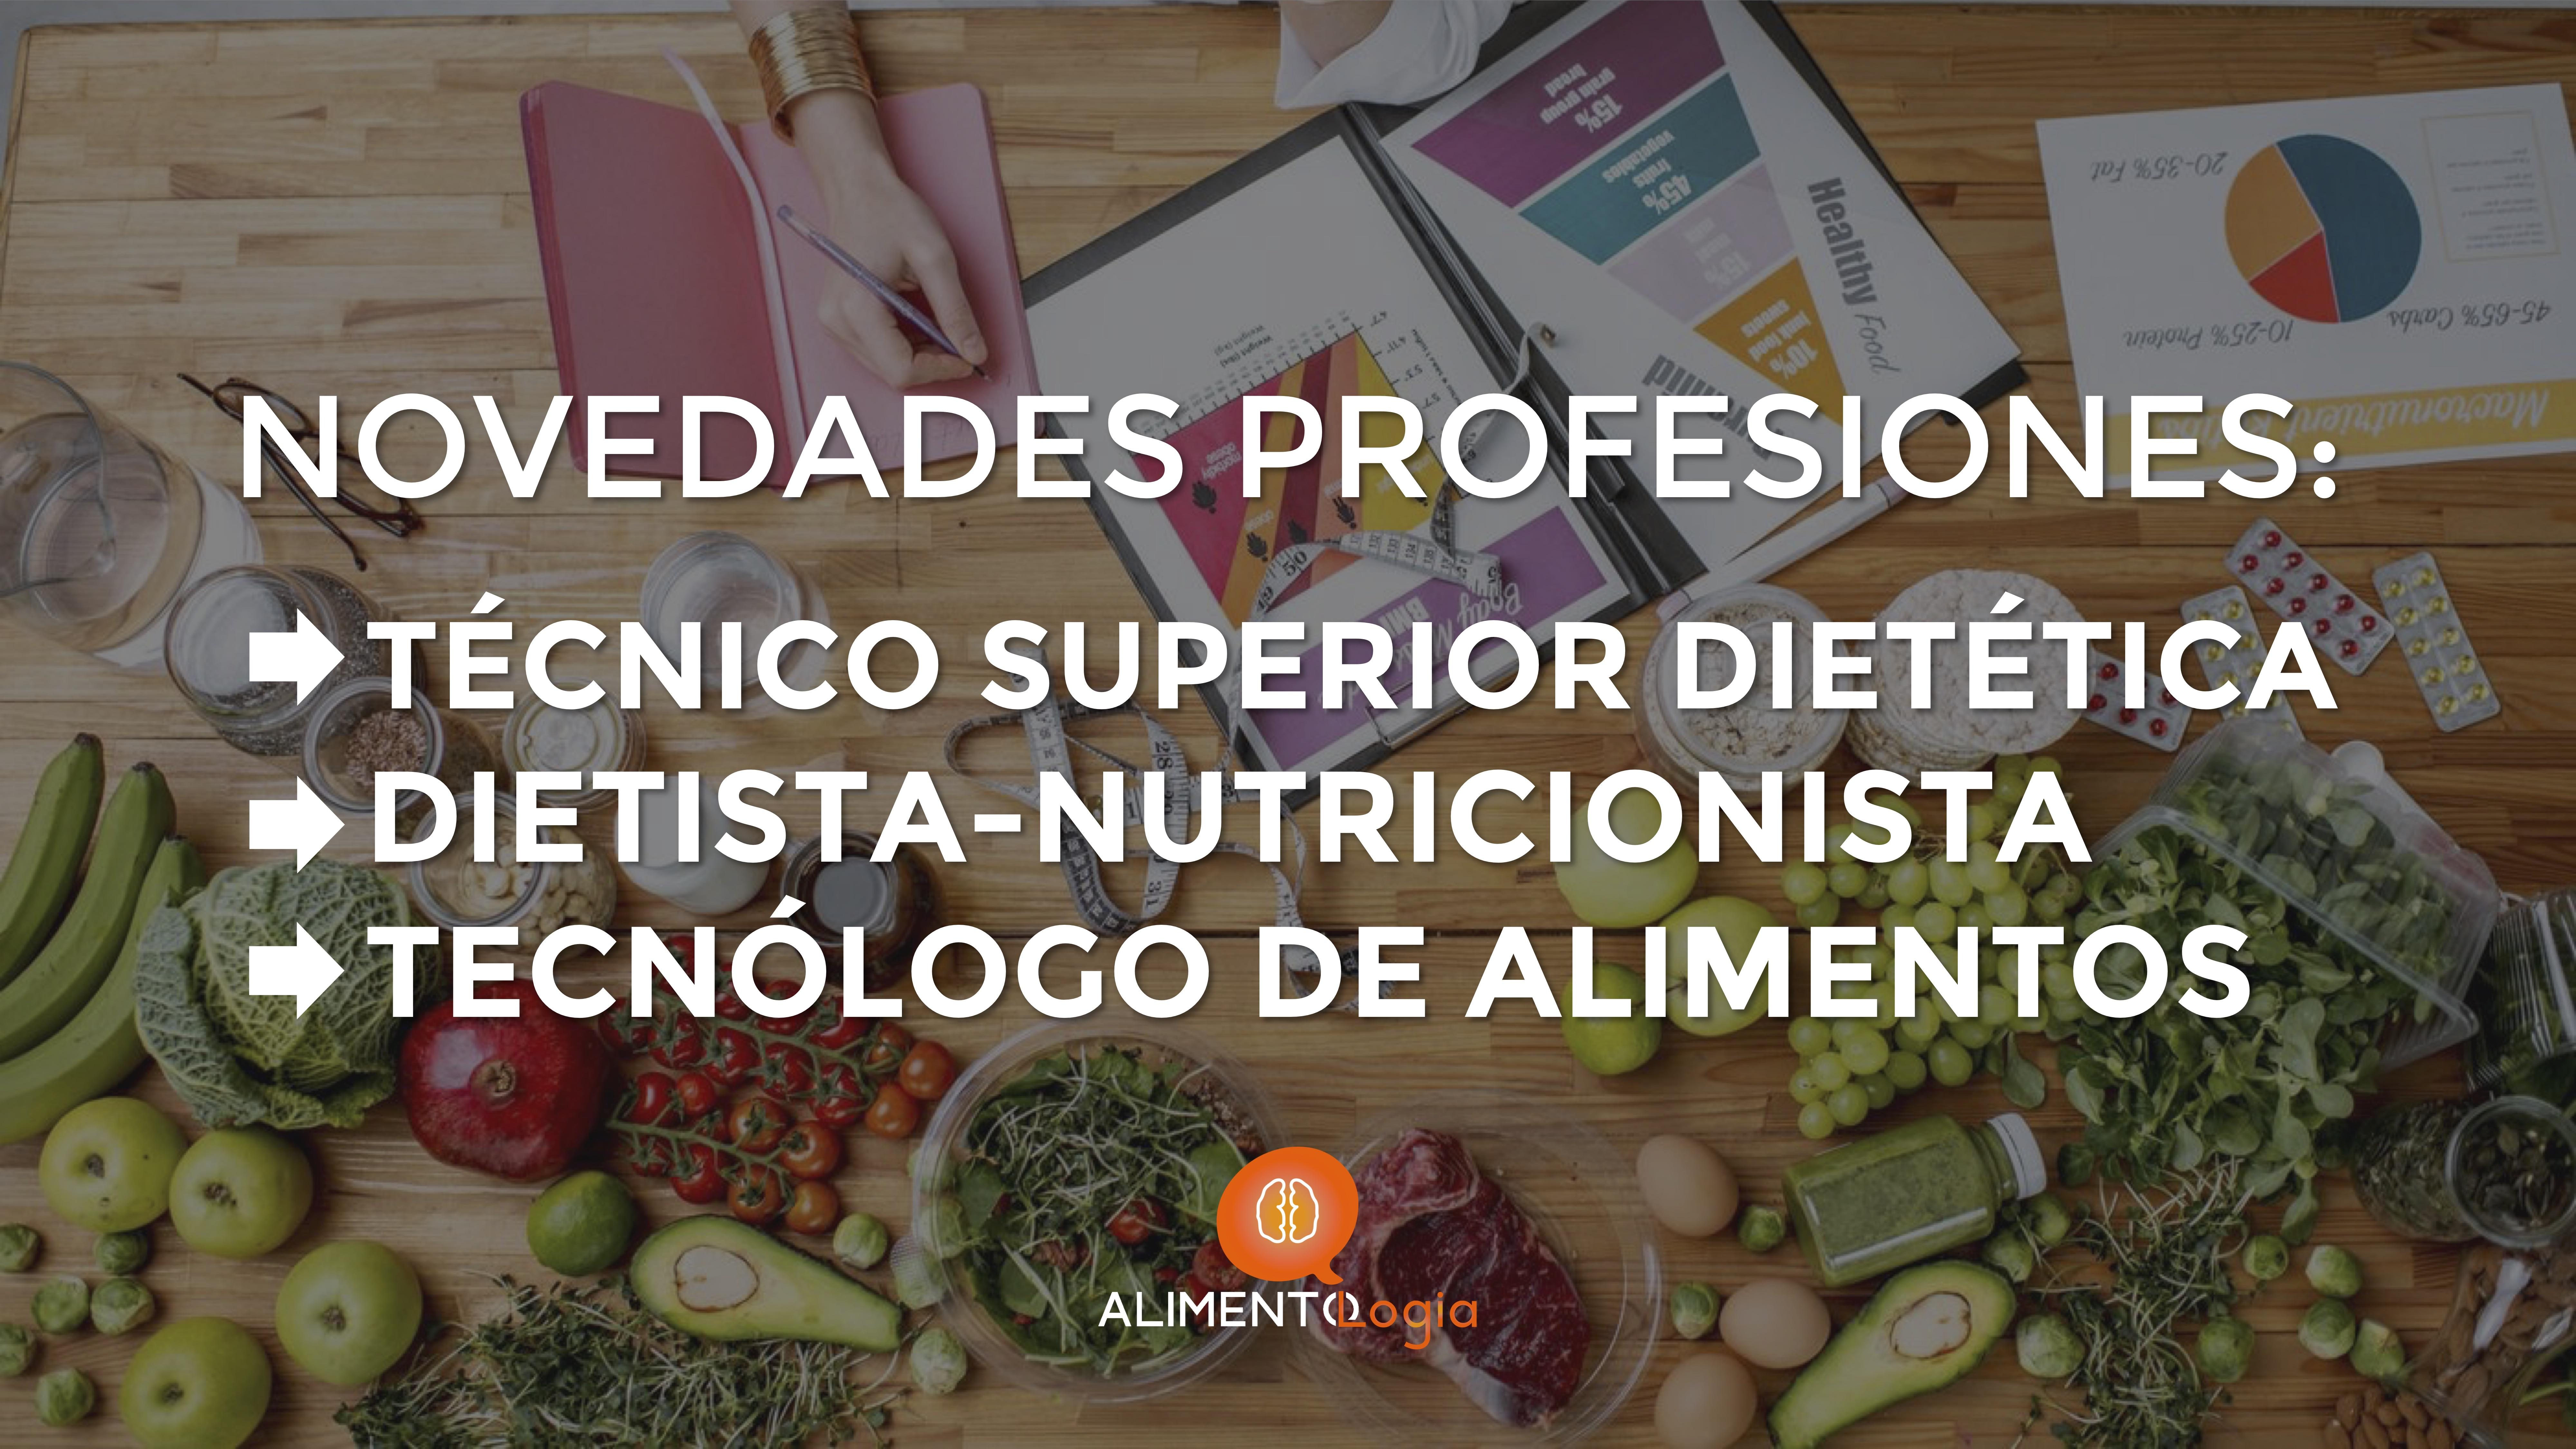 Novedades para Técnicos Superiores Dietética, Dietistas-Nutricionistas y Tecnólogos de Alimentos | Profesiones alimentarias